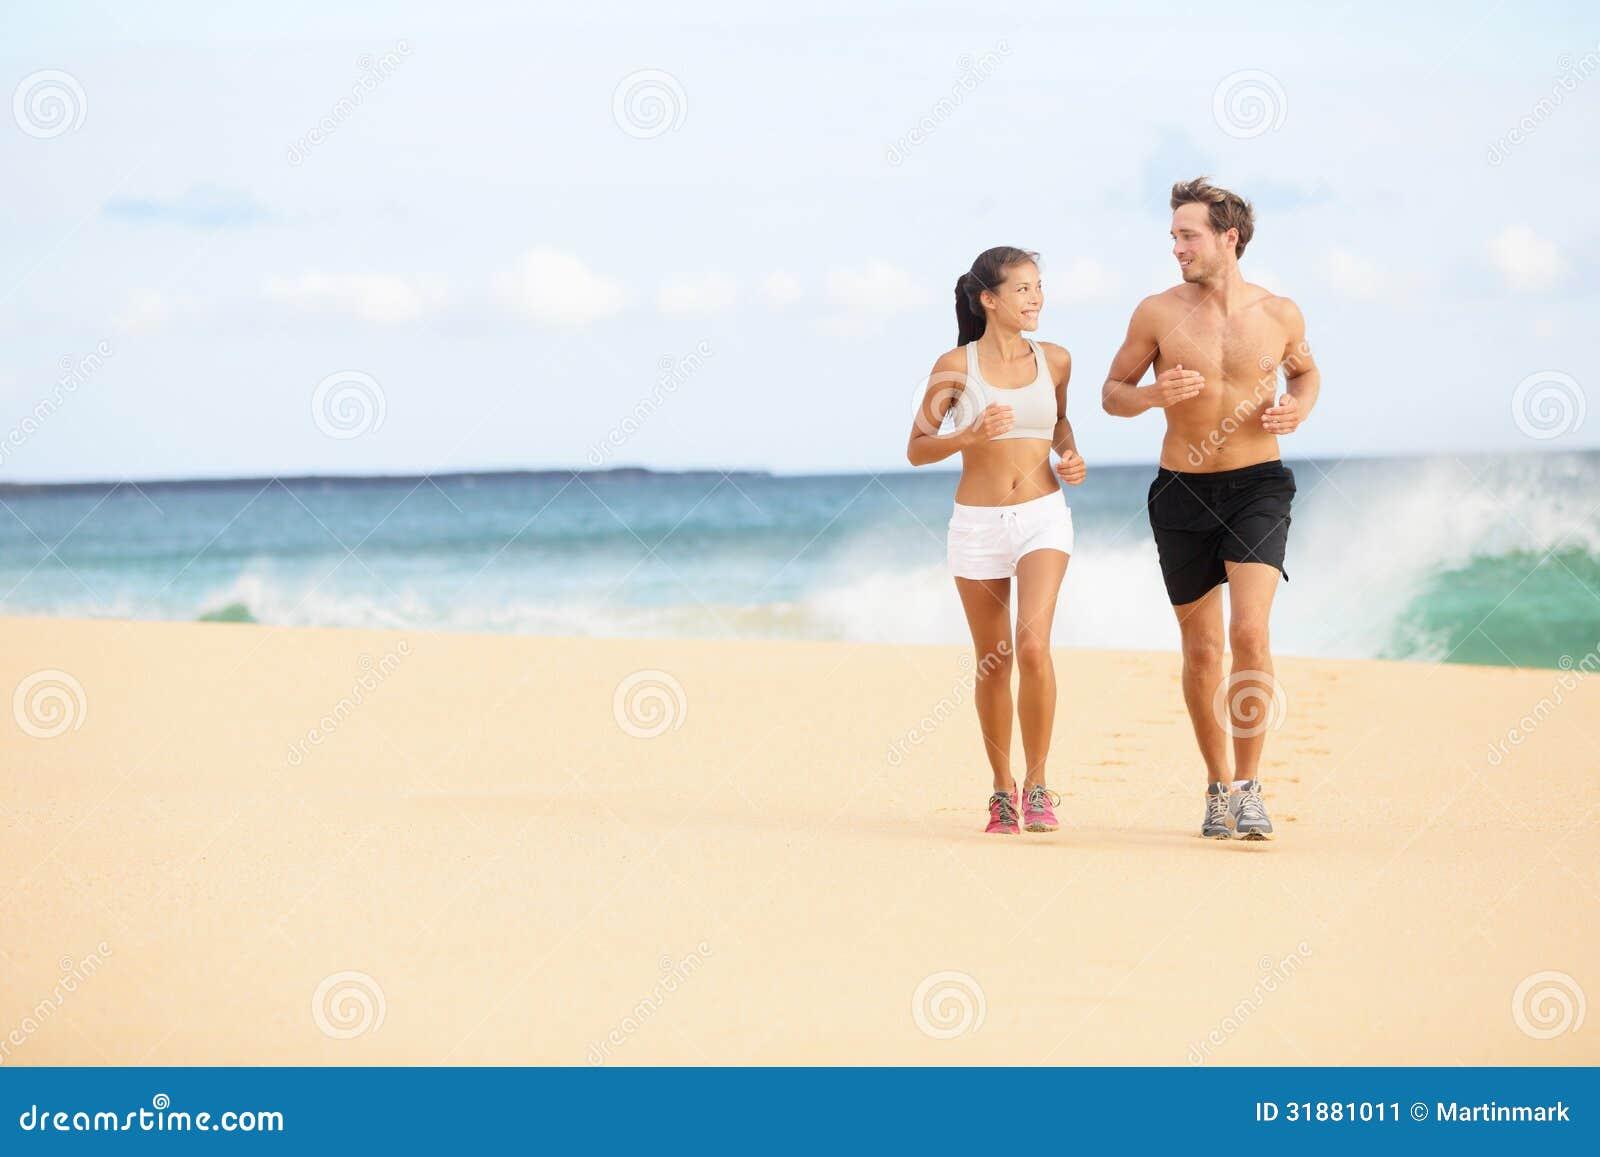 Gente corriente - pares de los corredores en funcionamiento de la playa